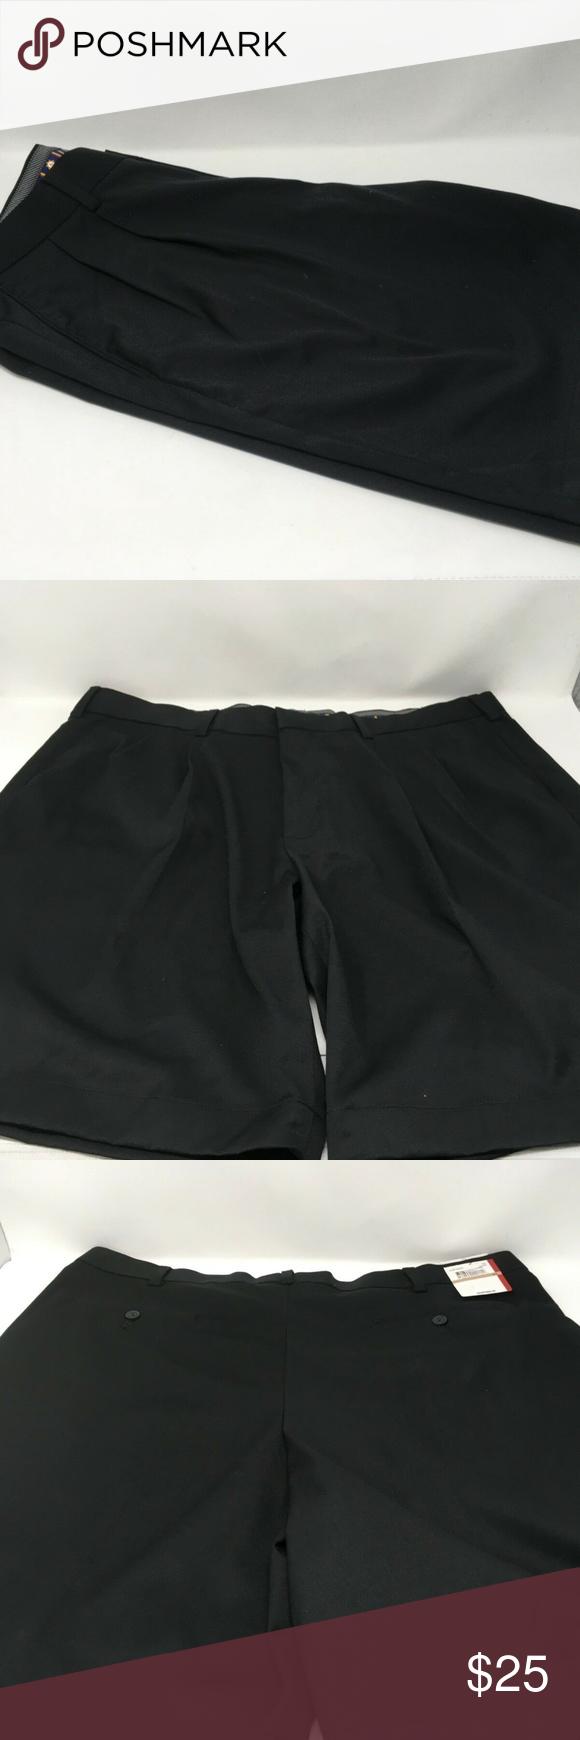 Mens Rh Black Dress Shorts Waist 42 Nwt Mens Rh Black Dress Shorts Waist 42 Nwt El15 Rh Shorts Short Dresses Black Short Dress Short Waist [ 1740 x 580 Pixel ]